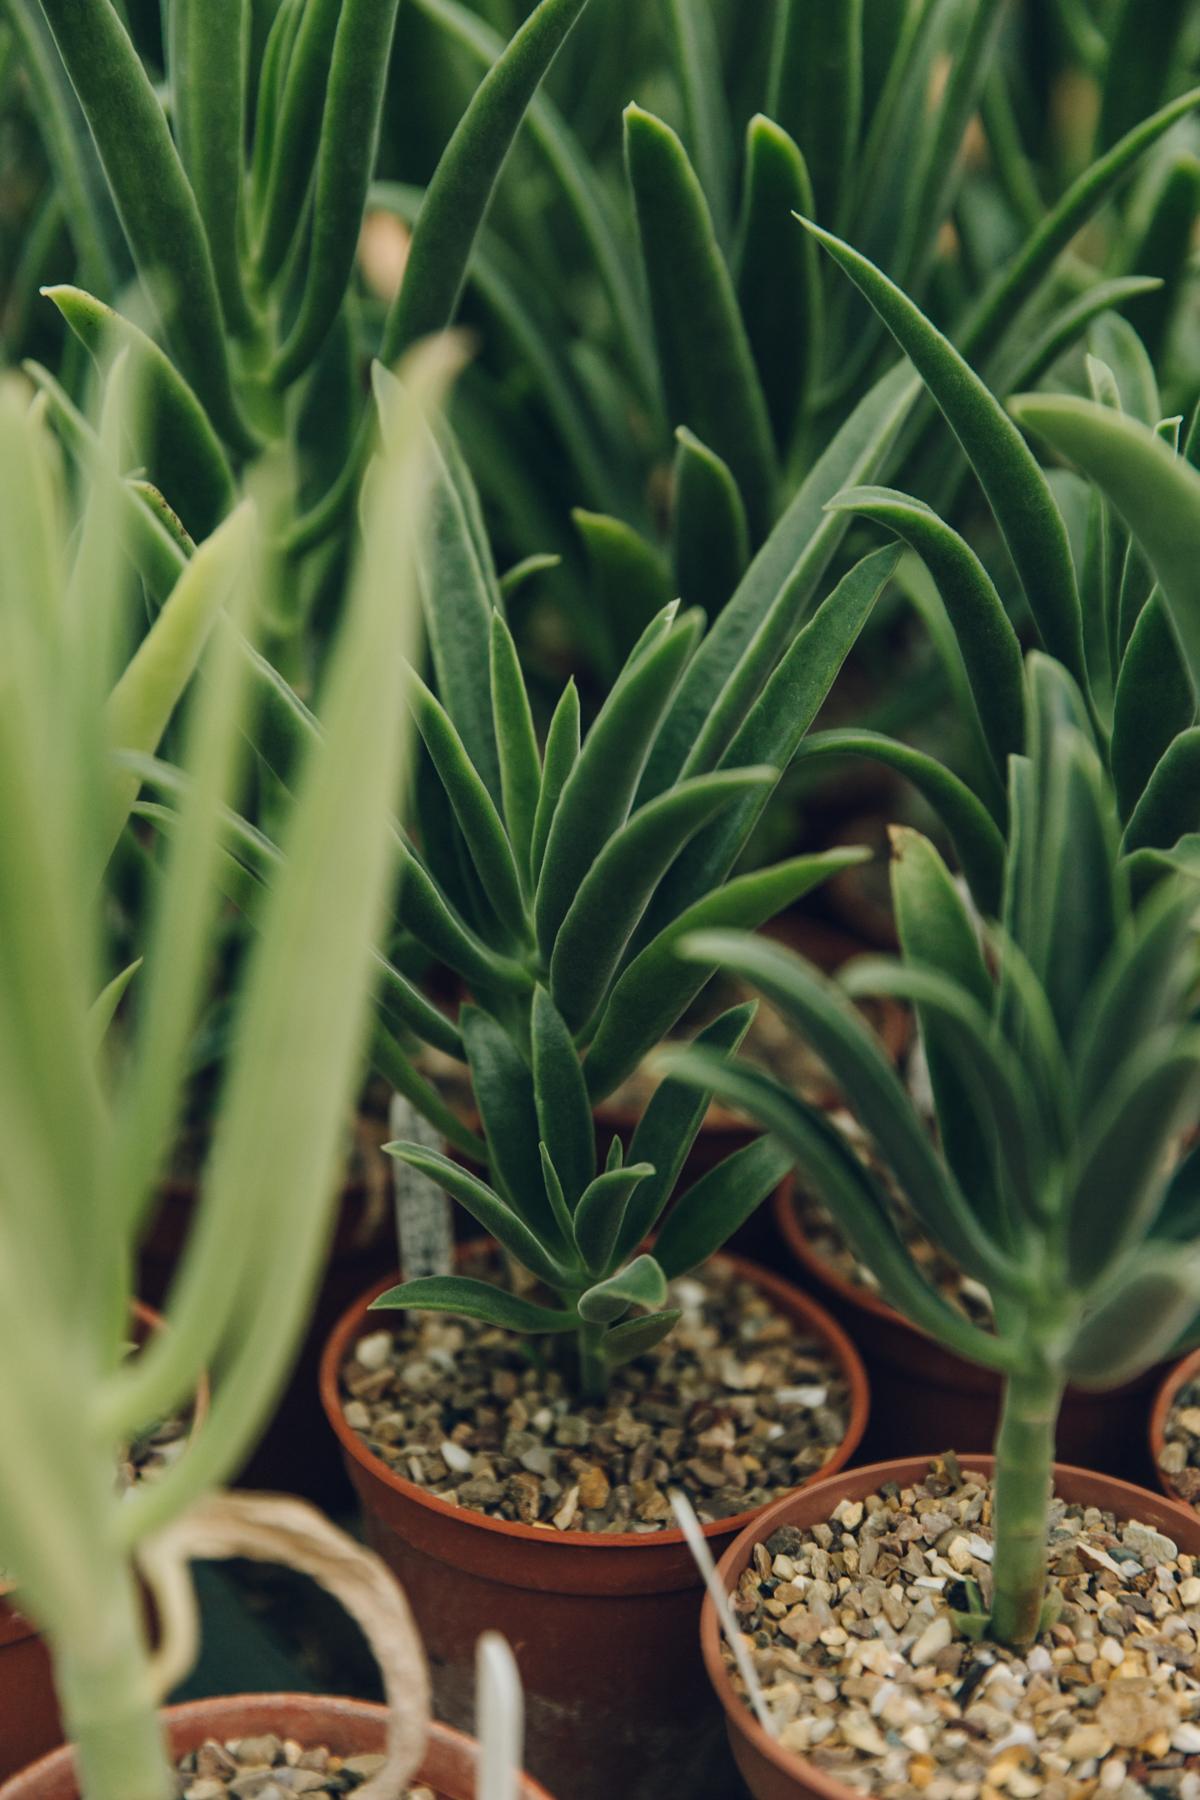 Aloe in pots